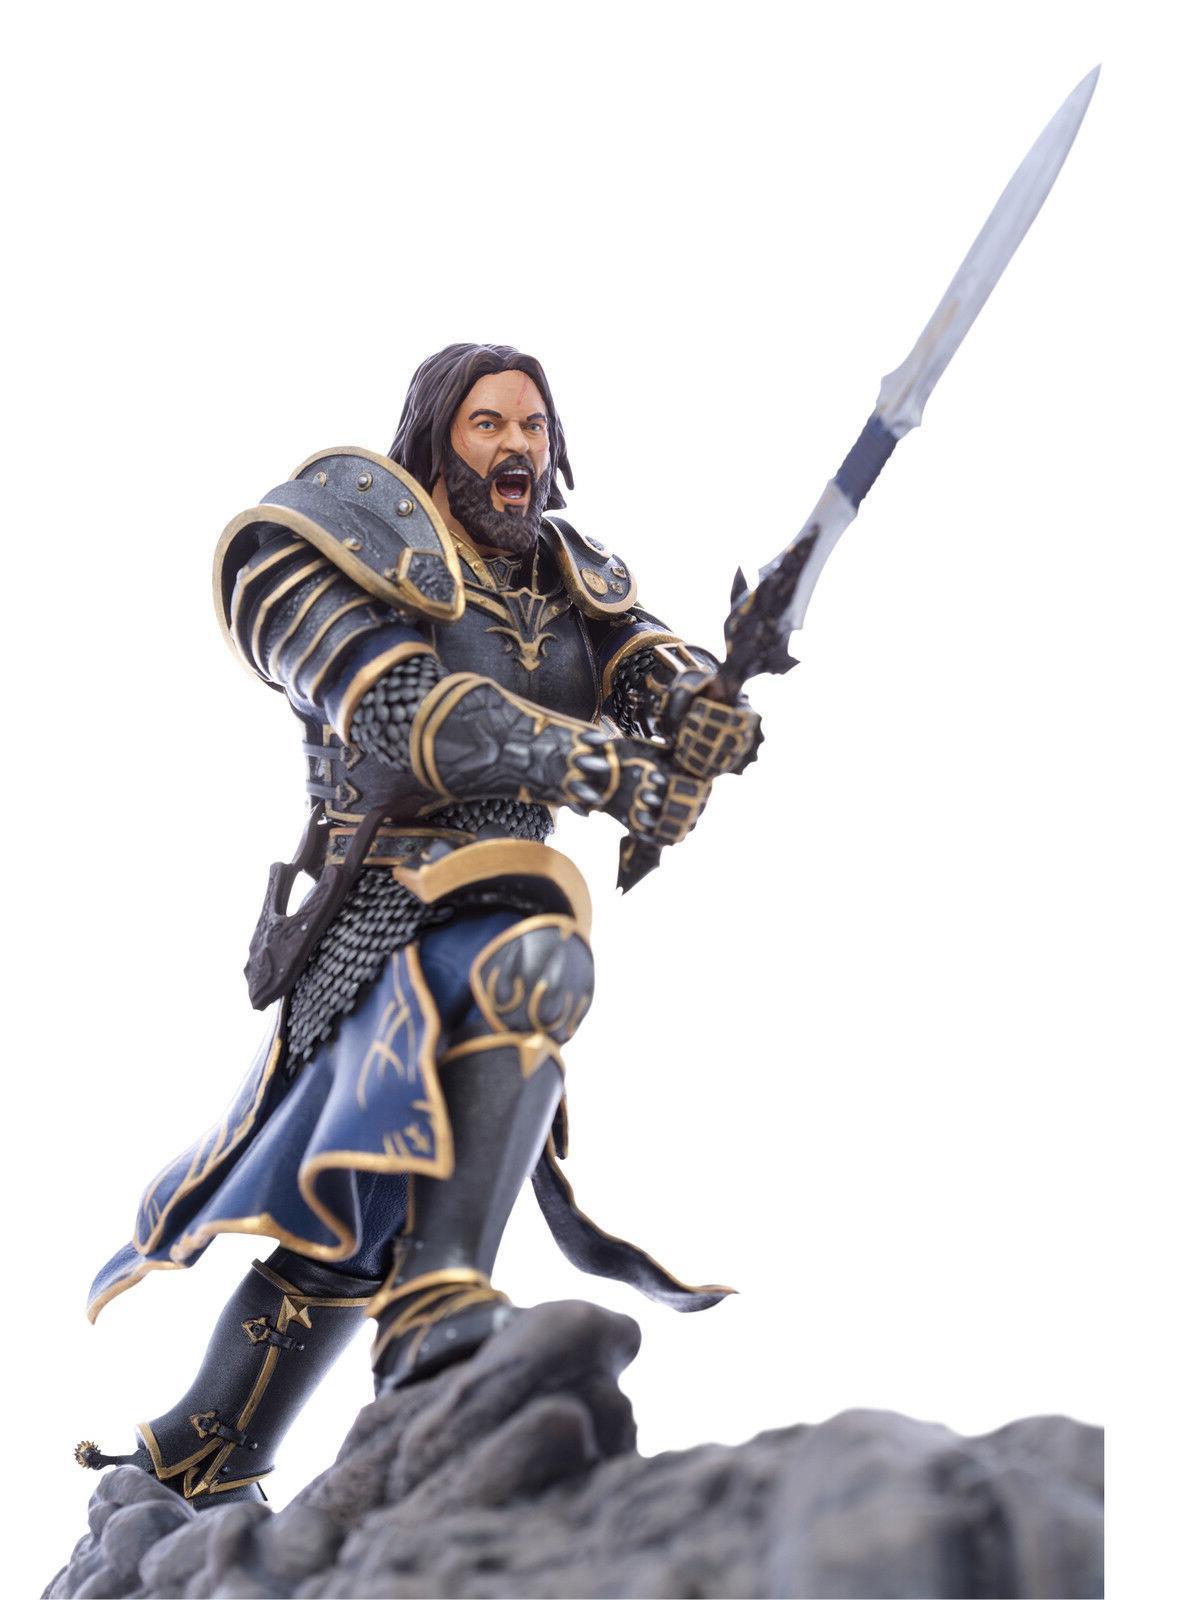 Warcraft Warrior Figure Accessories In